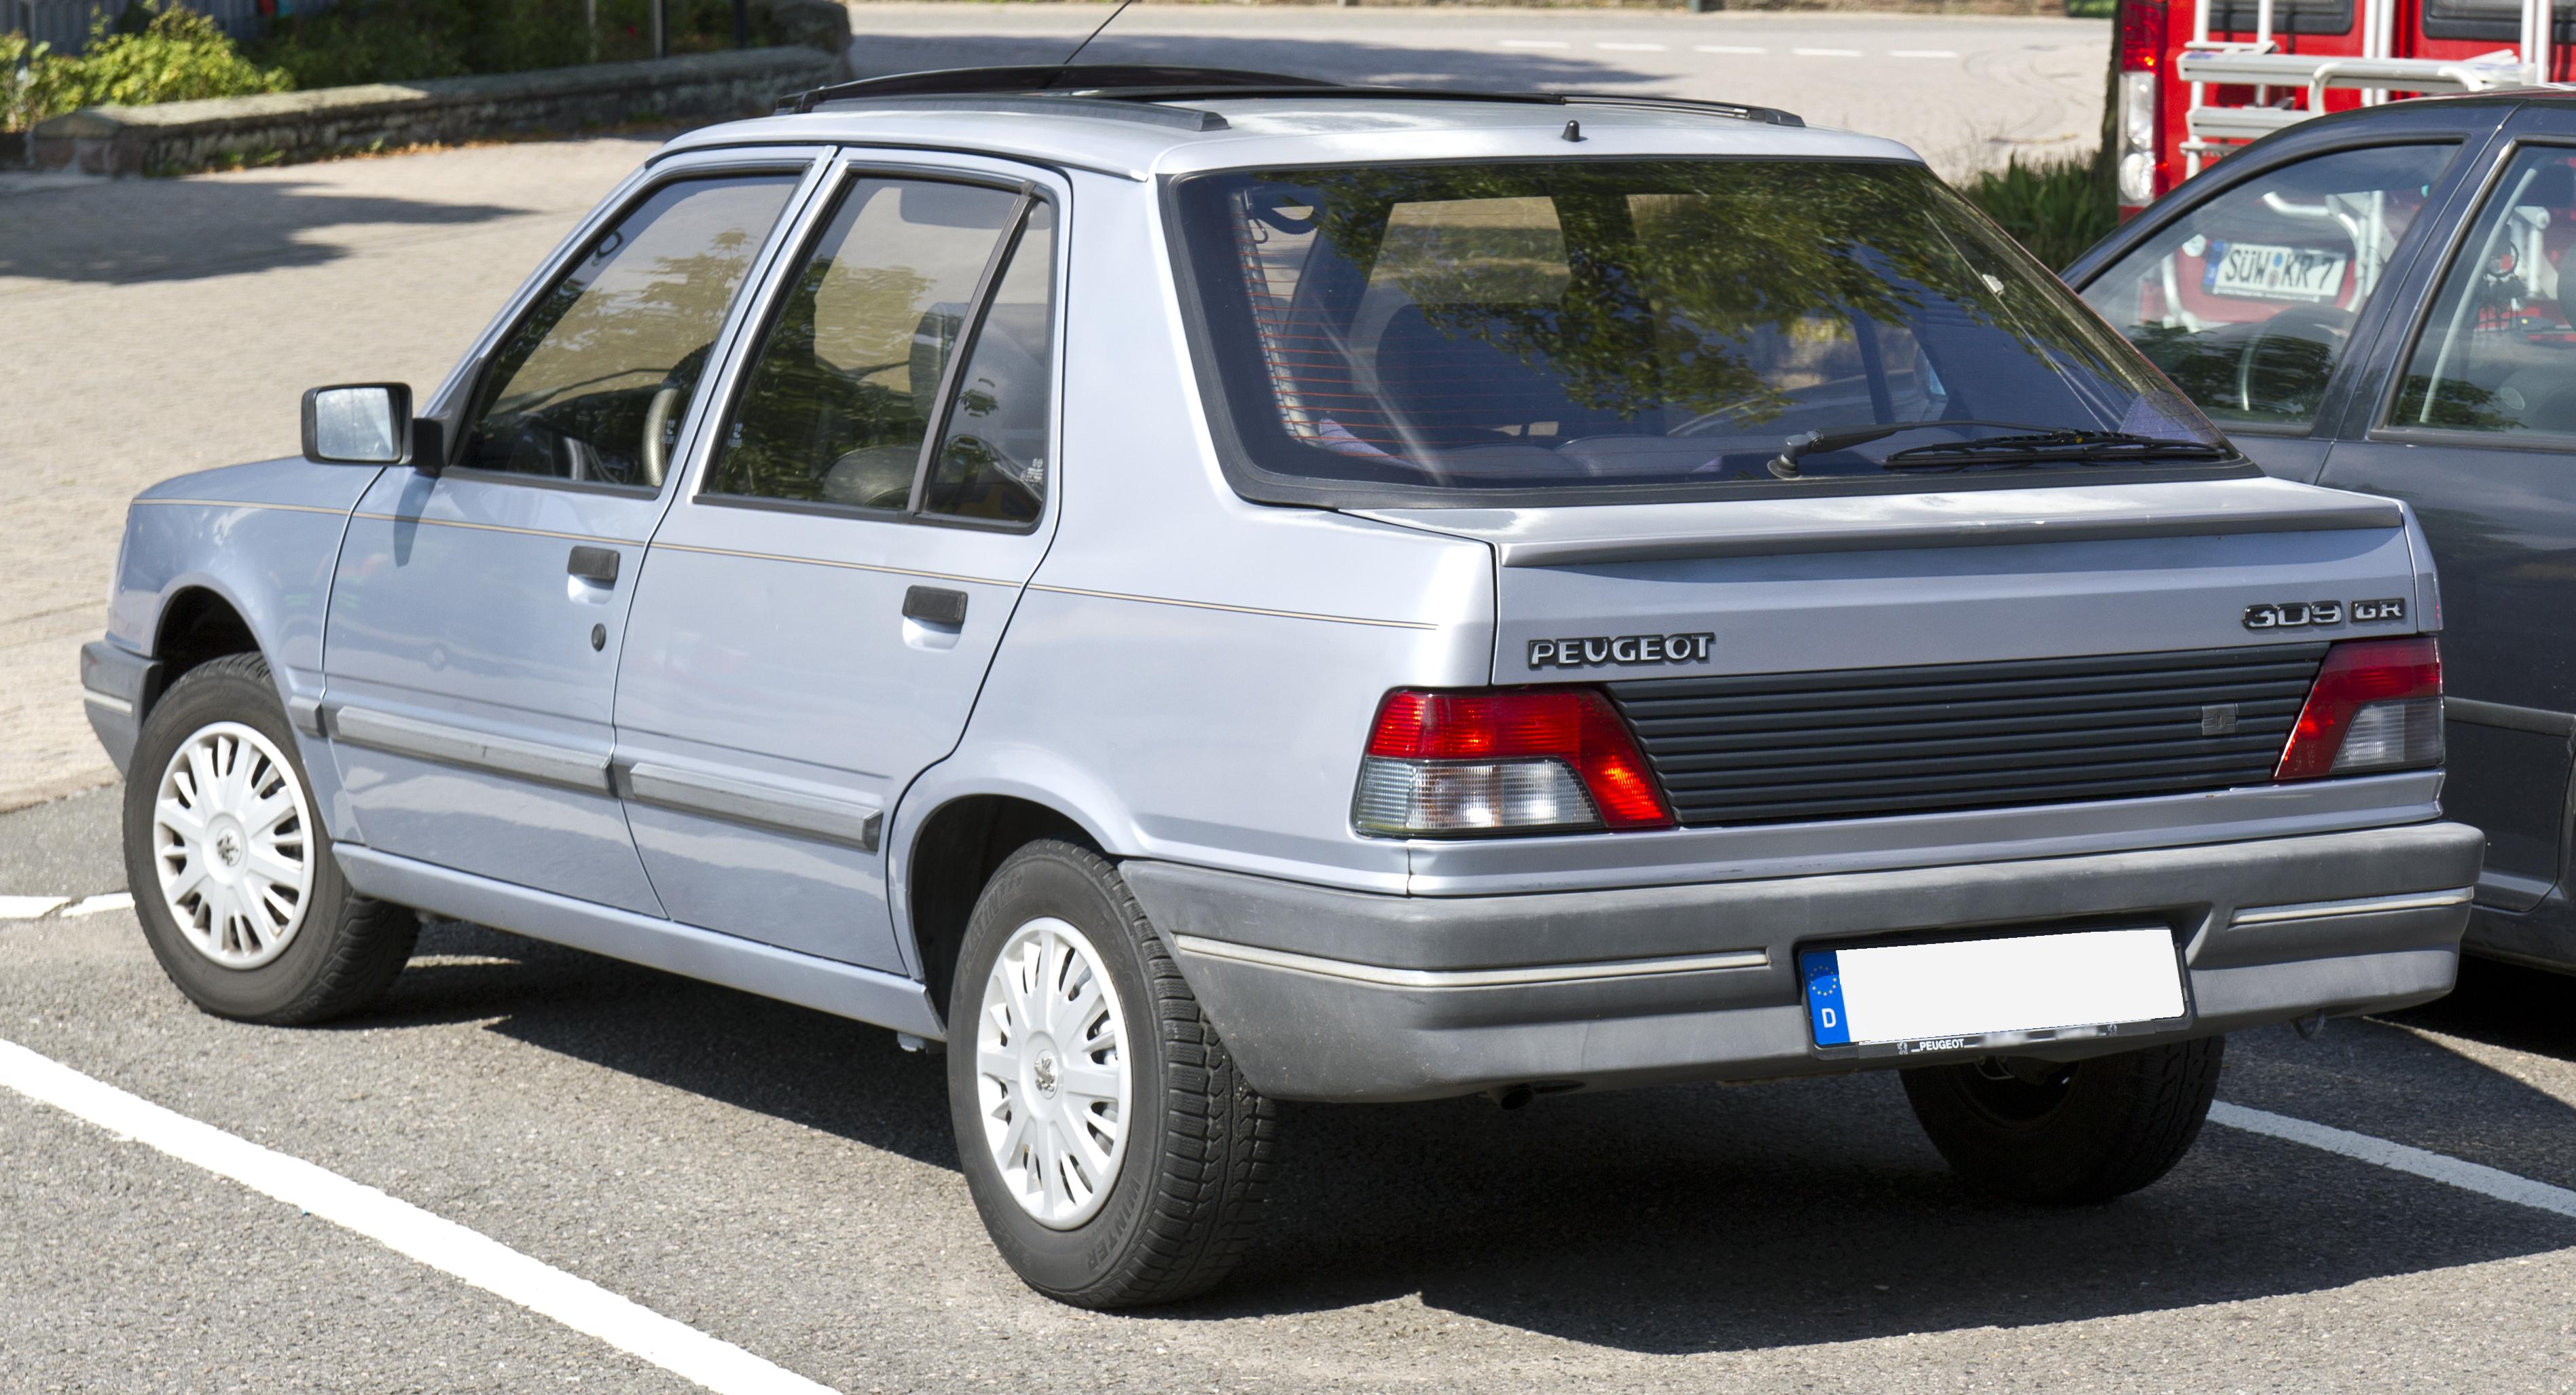 File Peugeot 309 Gr Rear 20140731 Jpg Wikimedia Commons